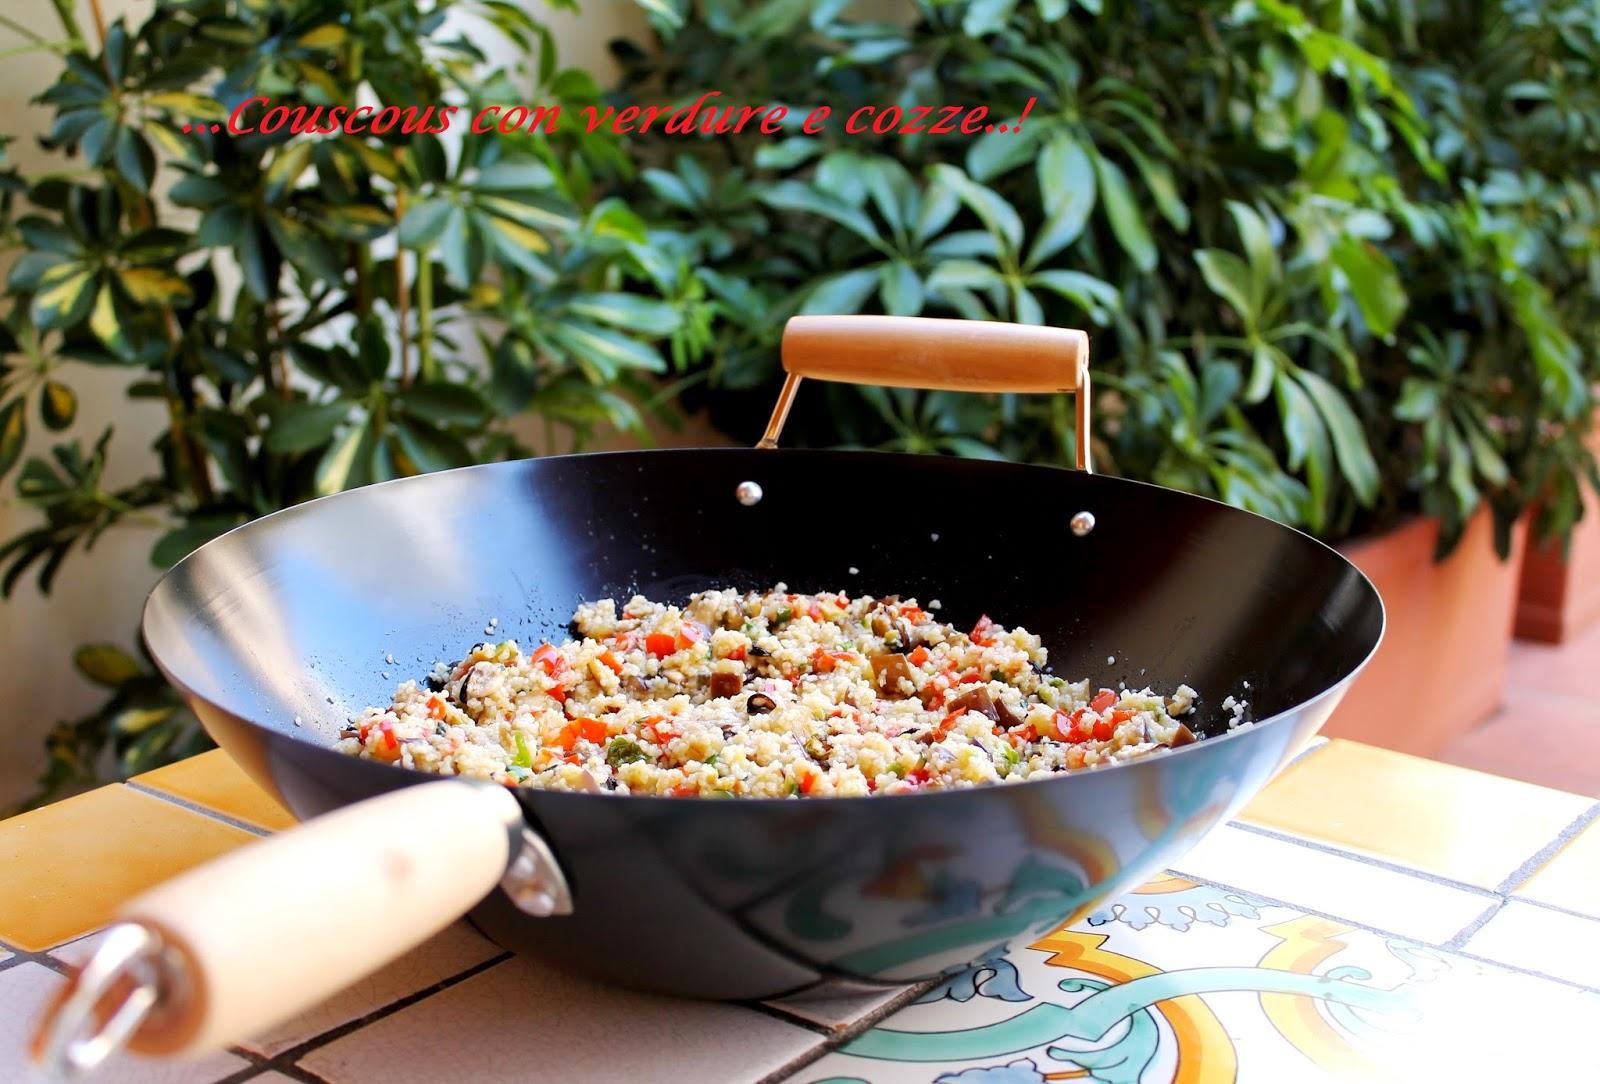 Couscous con verdure e cozze